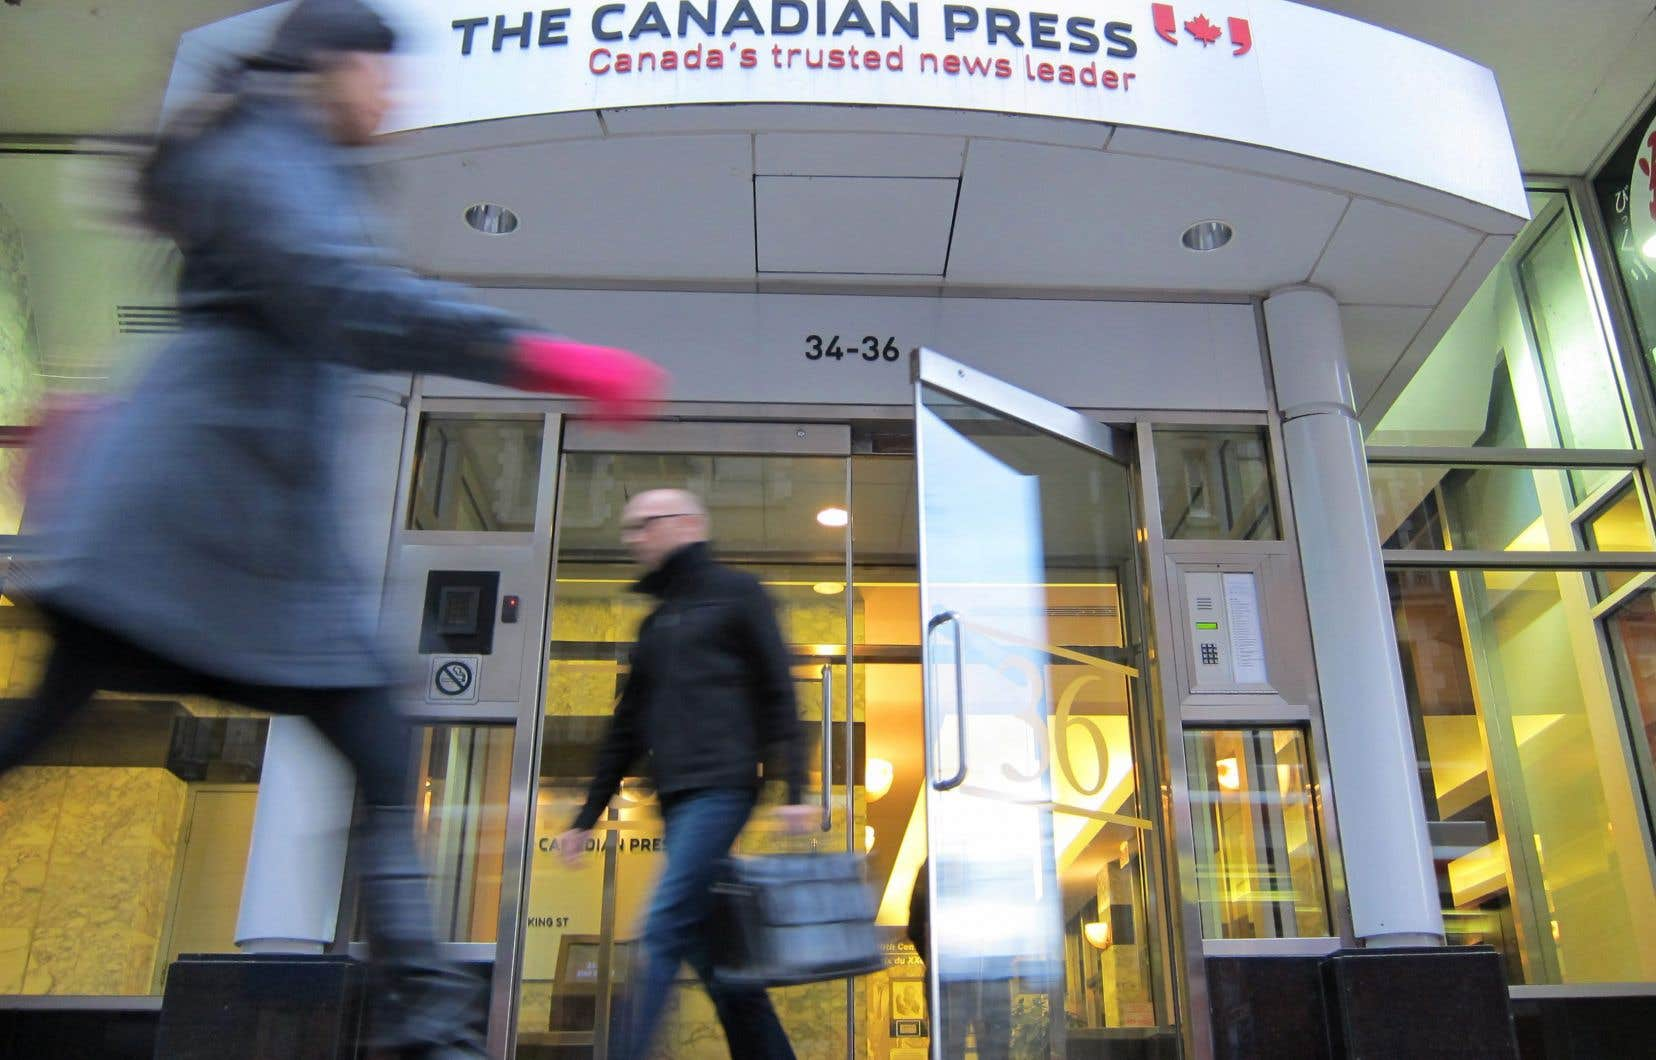 Les employés syndiqués de La Presse canadienne s'impatientent alors que leur convention collective est échue depuis près de deux ans.